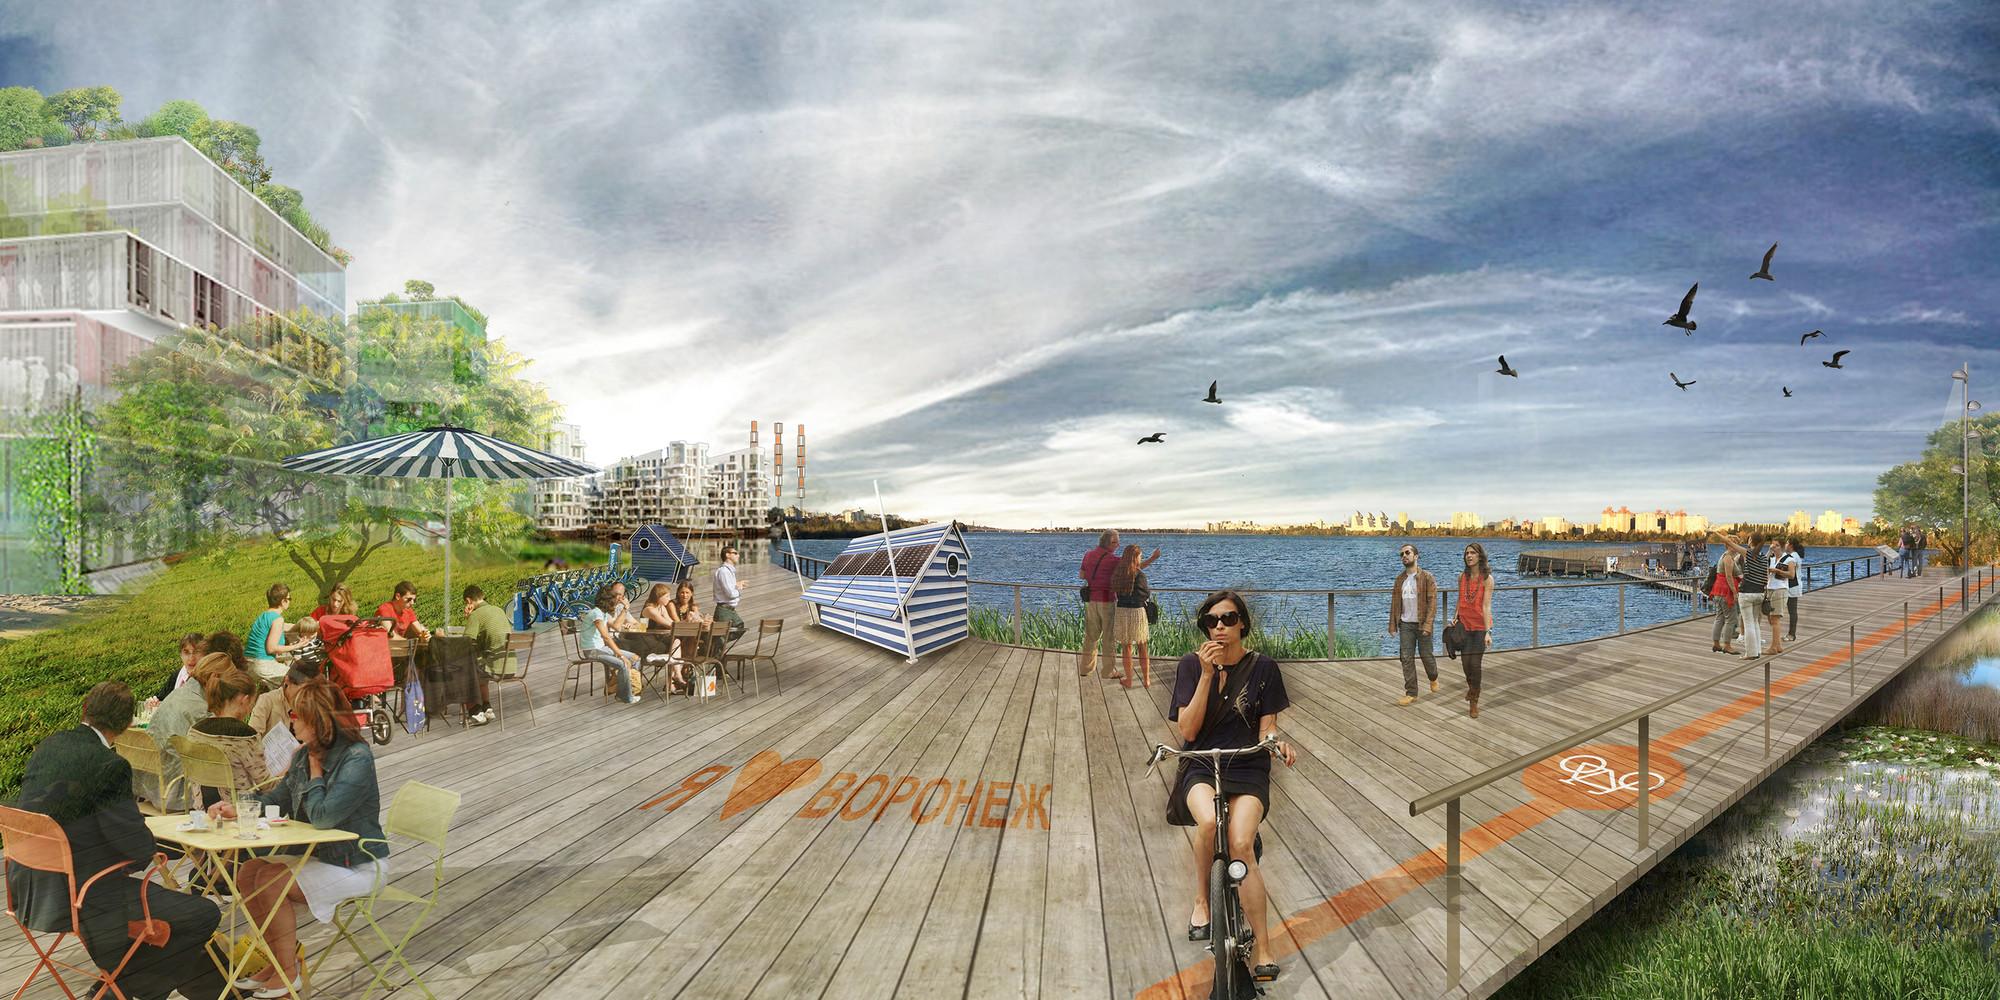 Ecosistema Urbano, primer lugar compartido en concurso de revitalización del mar de Voronezh / Rusia, Ecobarrio de uso mixto. Image Cortesia de Ecosistema Urbano